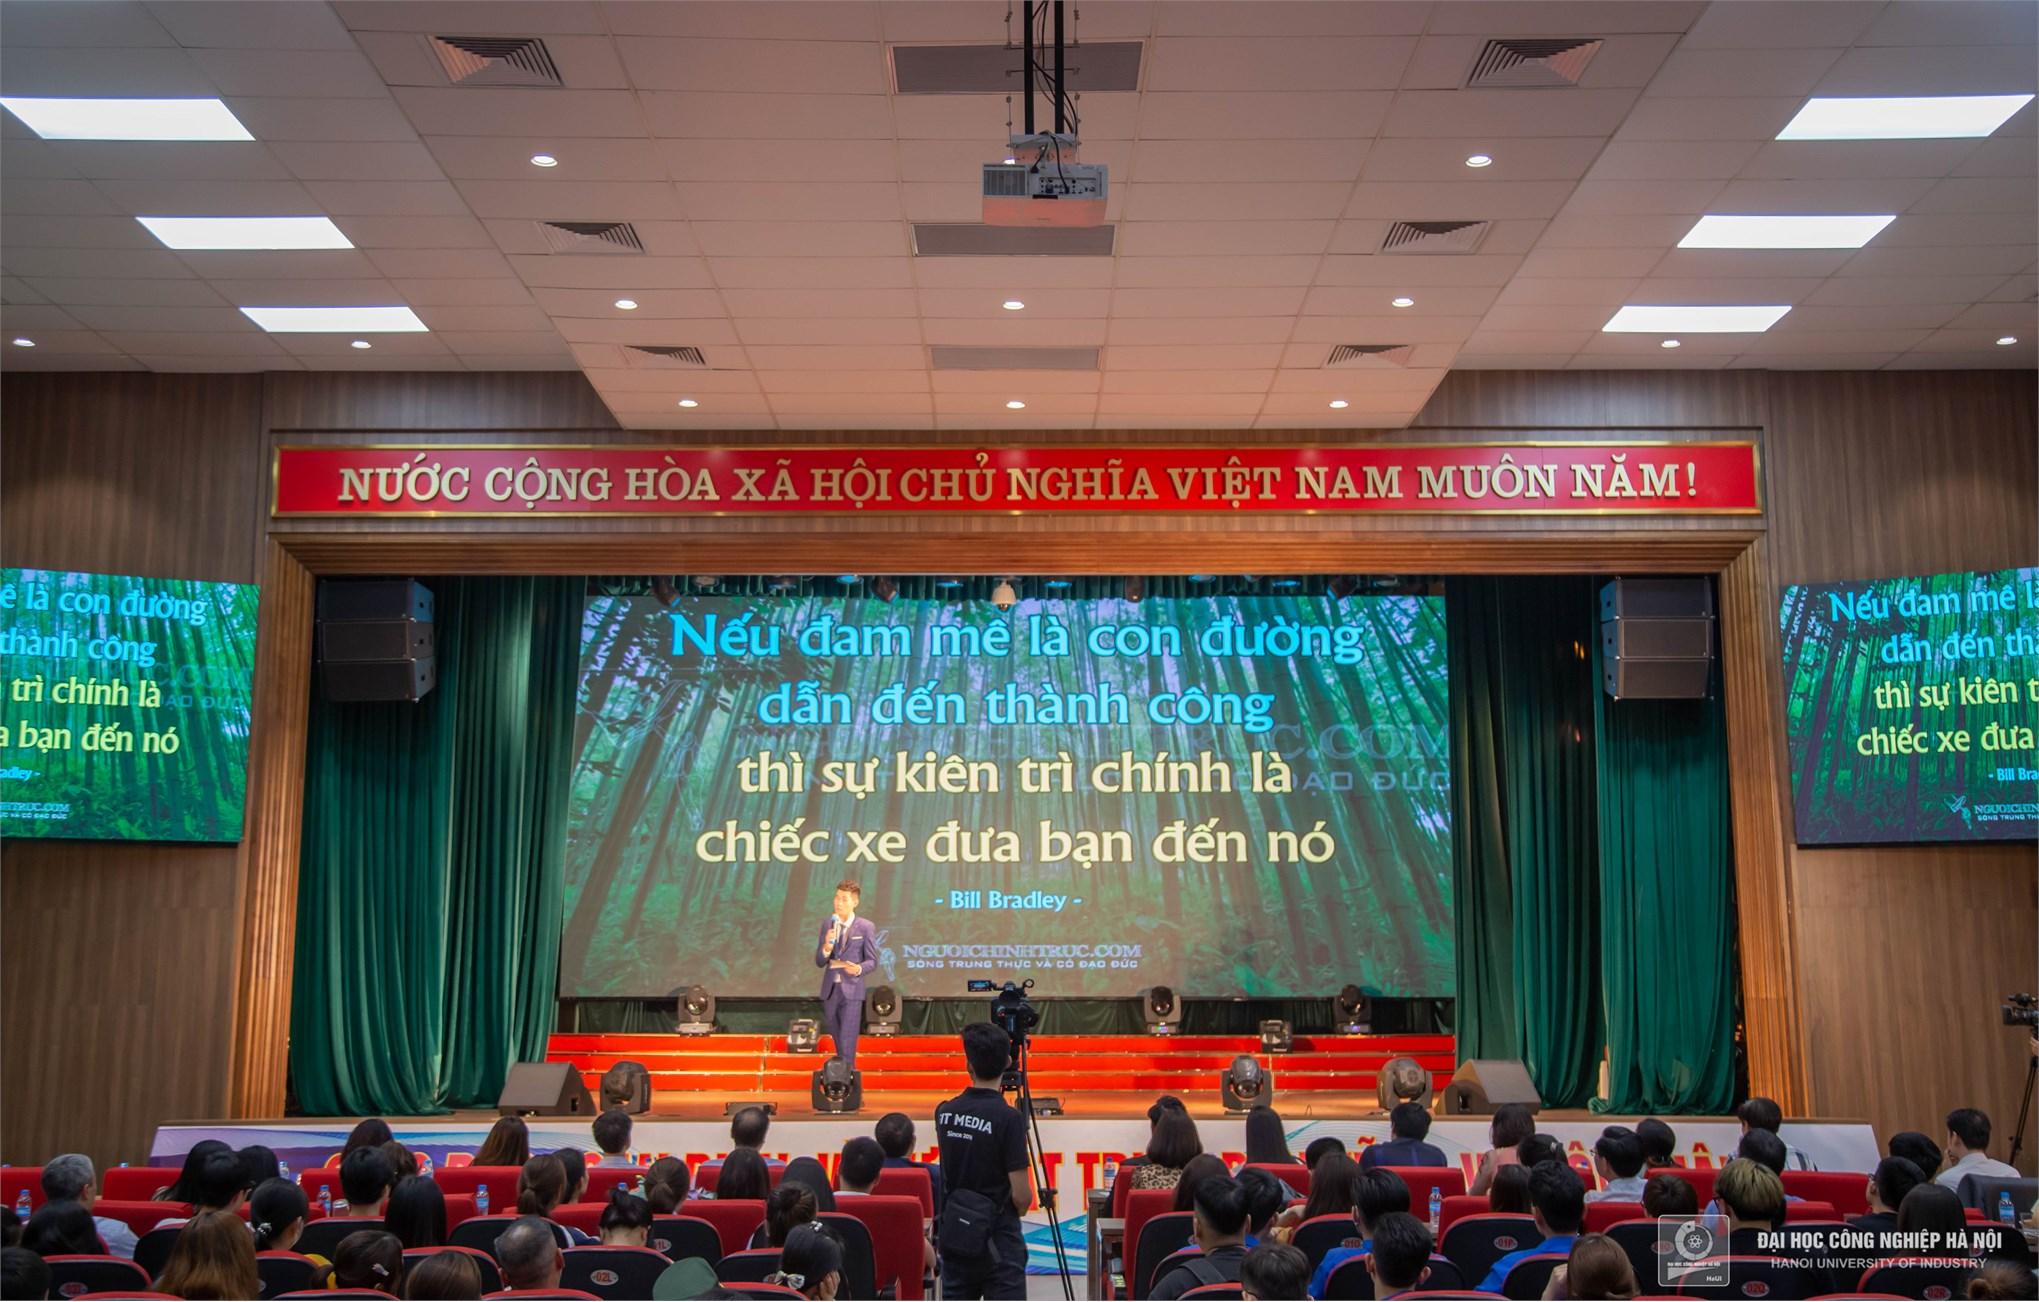 """Cặp đôi Thu Hà và Vi Văn Hữu trong phần dẫn đôi """"Liveshow ca sĩ Hà Anh Tuấn"""" đang giao lưu với khán giả"""